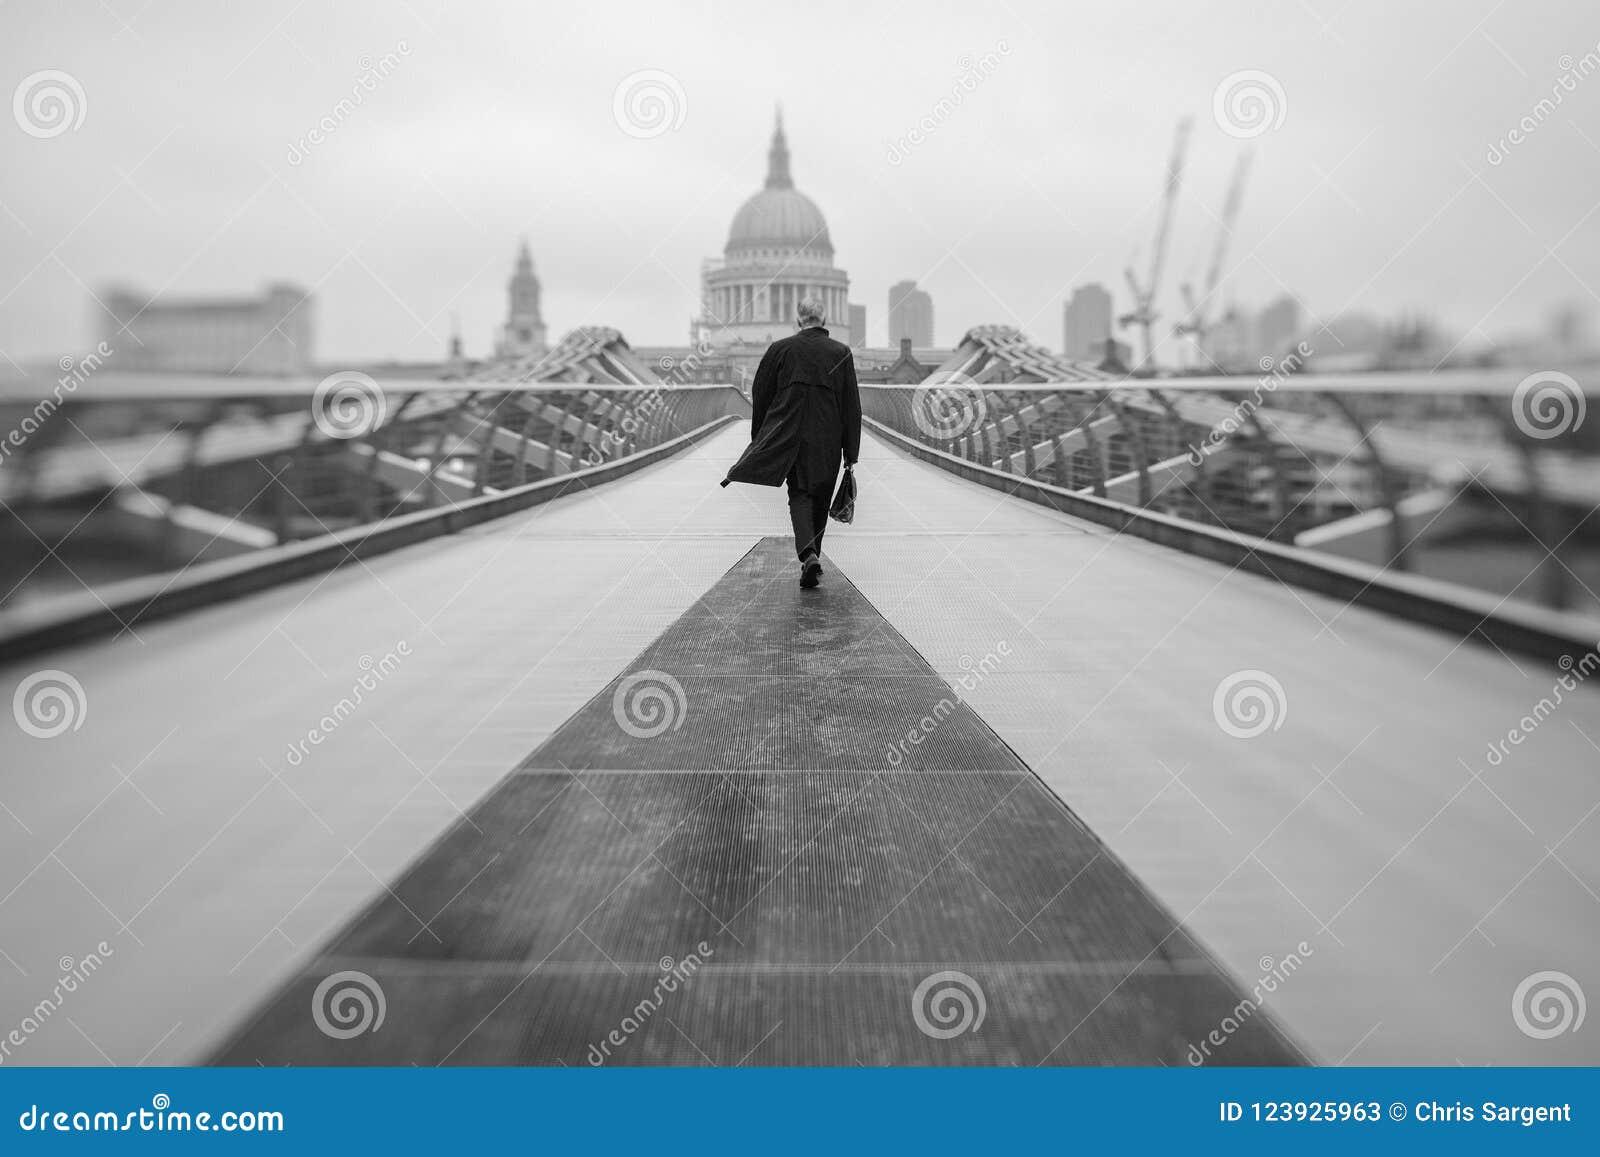 Forens op Millenniumbrug in Londen